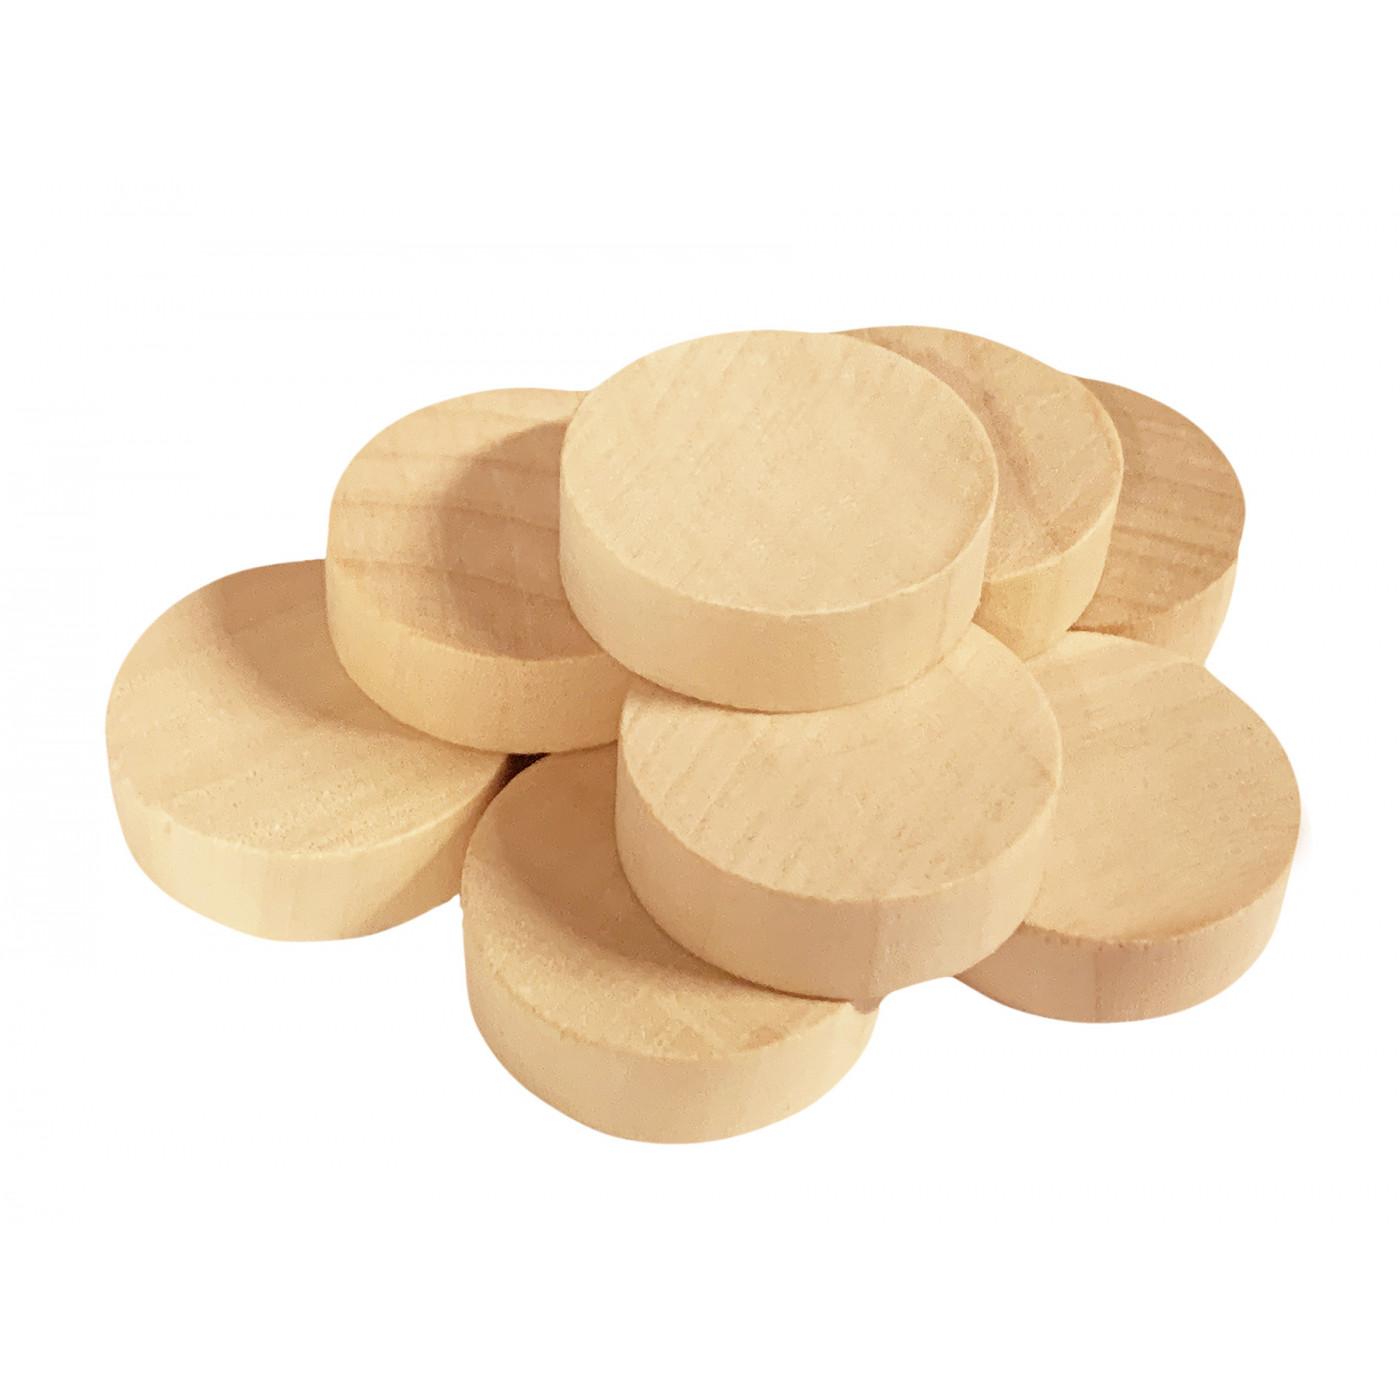 Lot de 100 disques en bois (diamètre: 2,5 cm, épaisseur: 8 mm, hêtre)  - 1